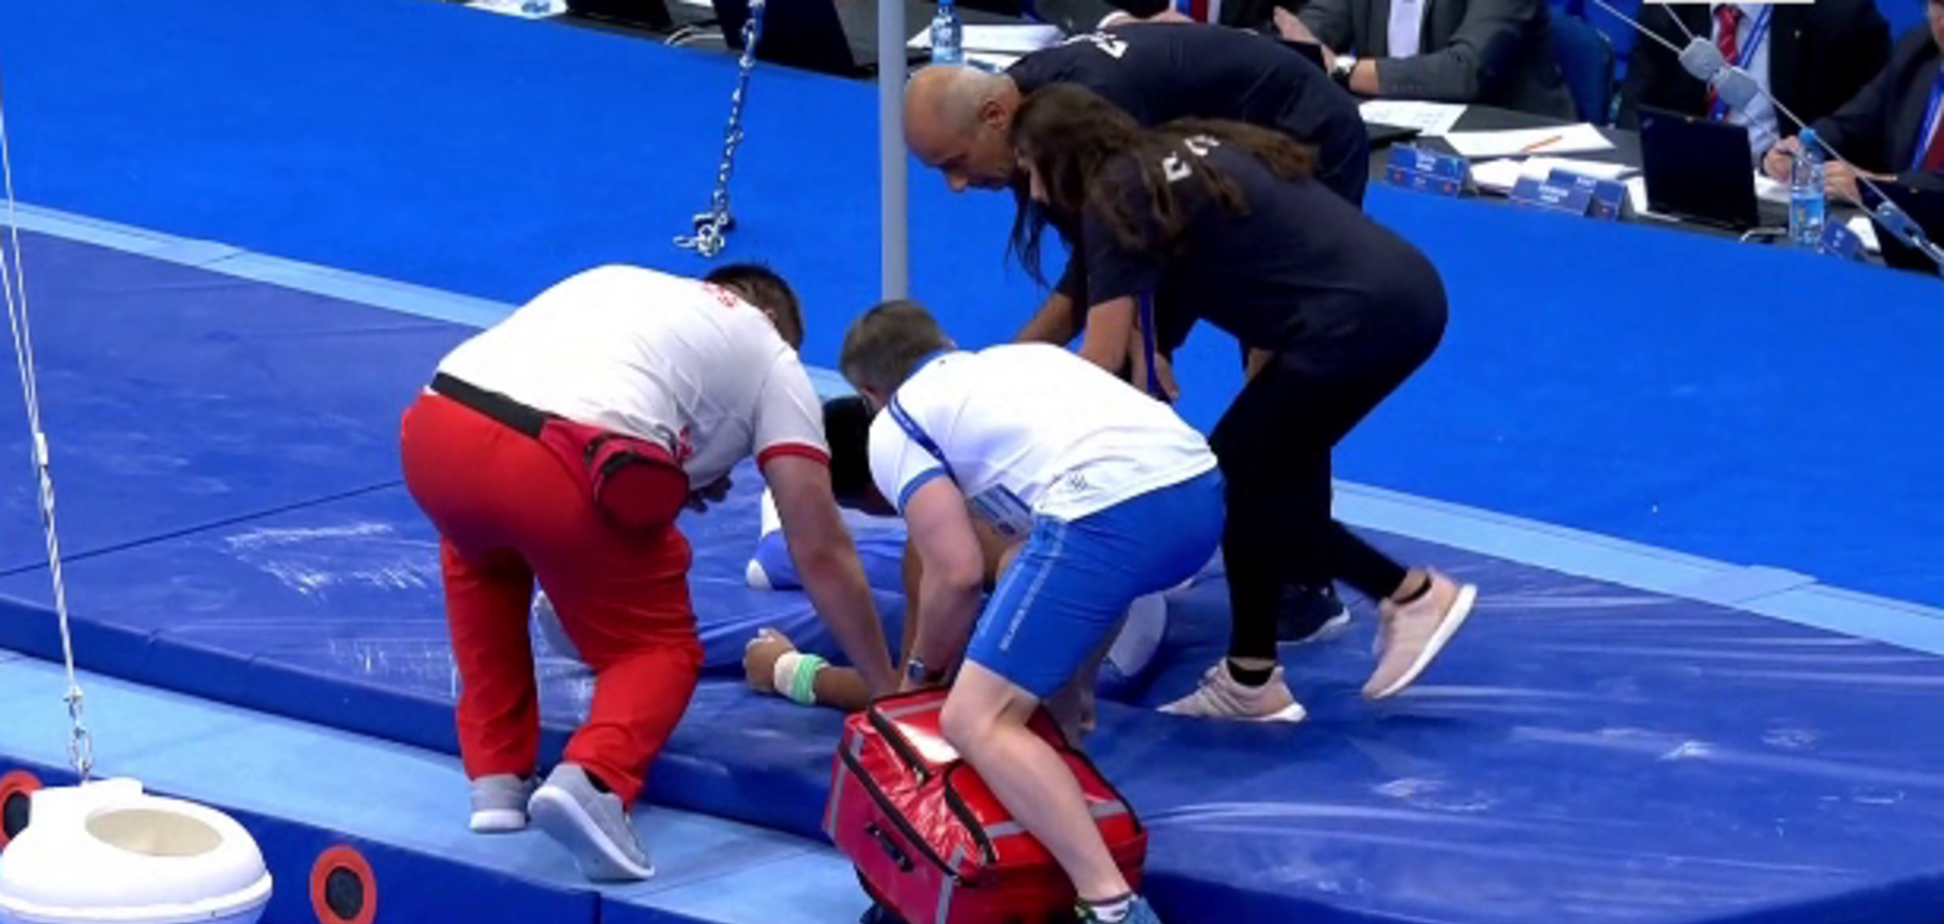 Понесли на носилках: гімнаст на Європейських іграх жахливо зірвався з перекладини - Відеофакт